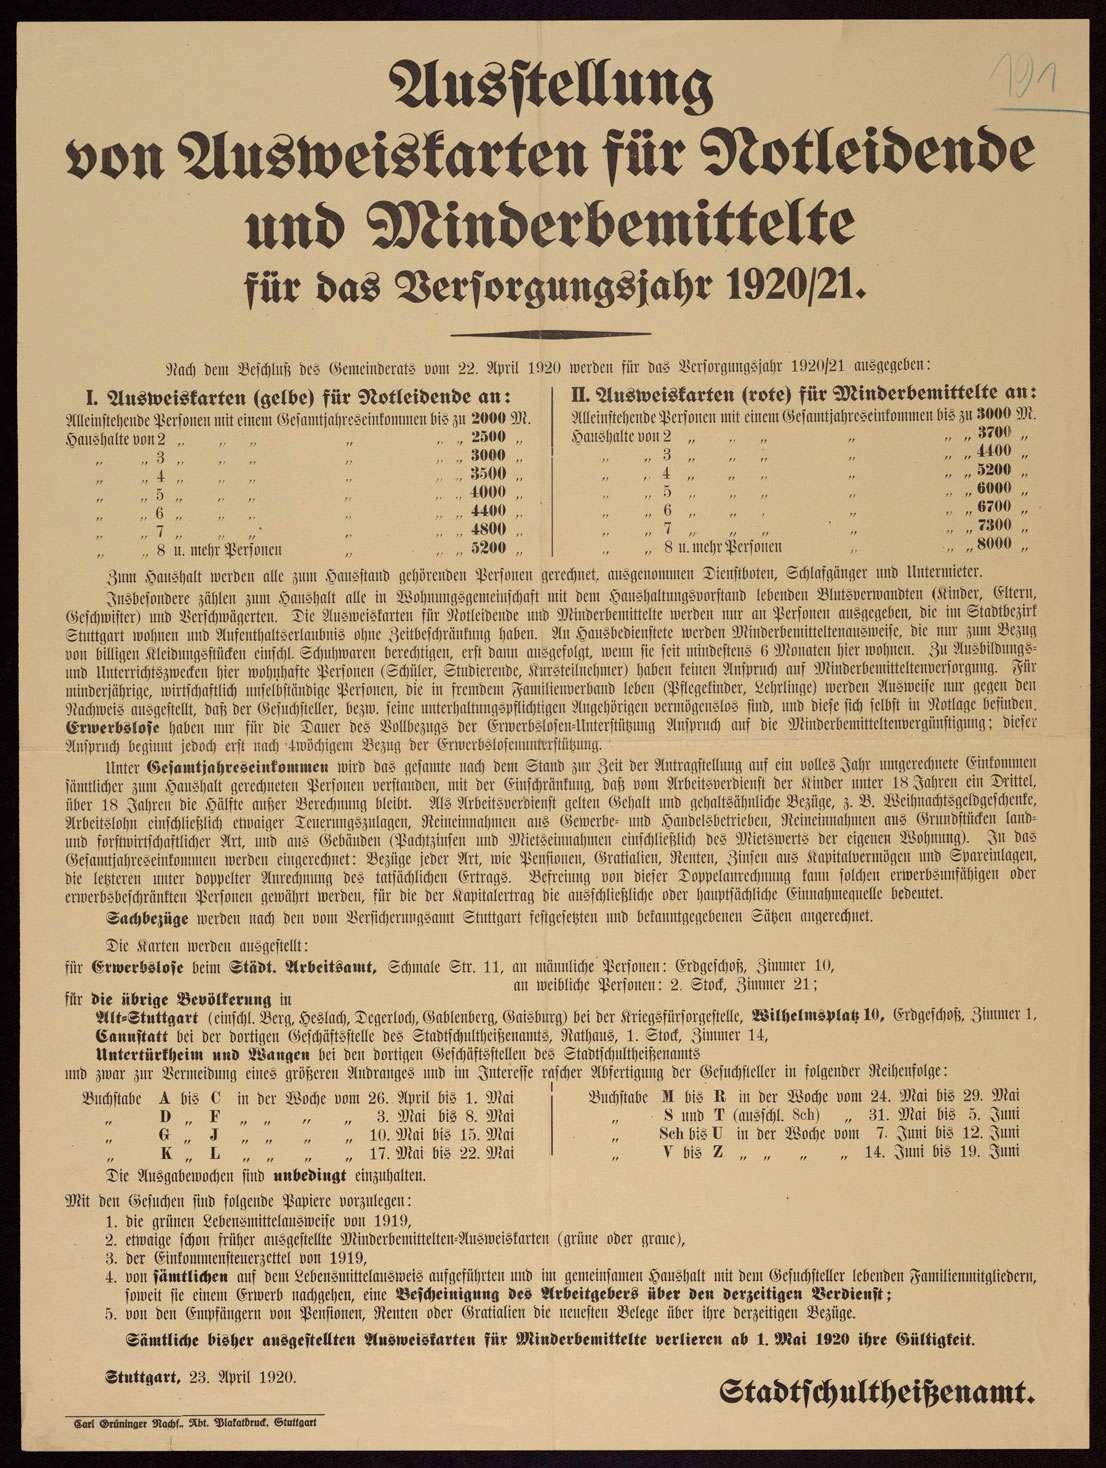 """""""Ausstellung von Ausweiskarten für Notleidende und Minderbemittelte für das Versorgungsjahr 1920/21"""" in Stuttgart, folgt: Bezugsberechtigte, Ausgabestellen und -termine, Bild 1"""